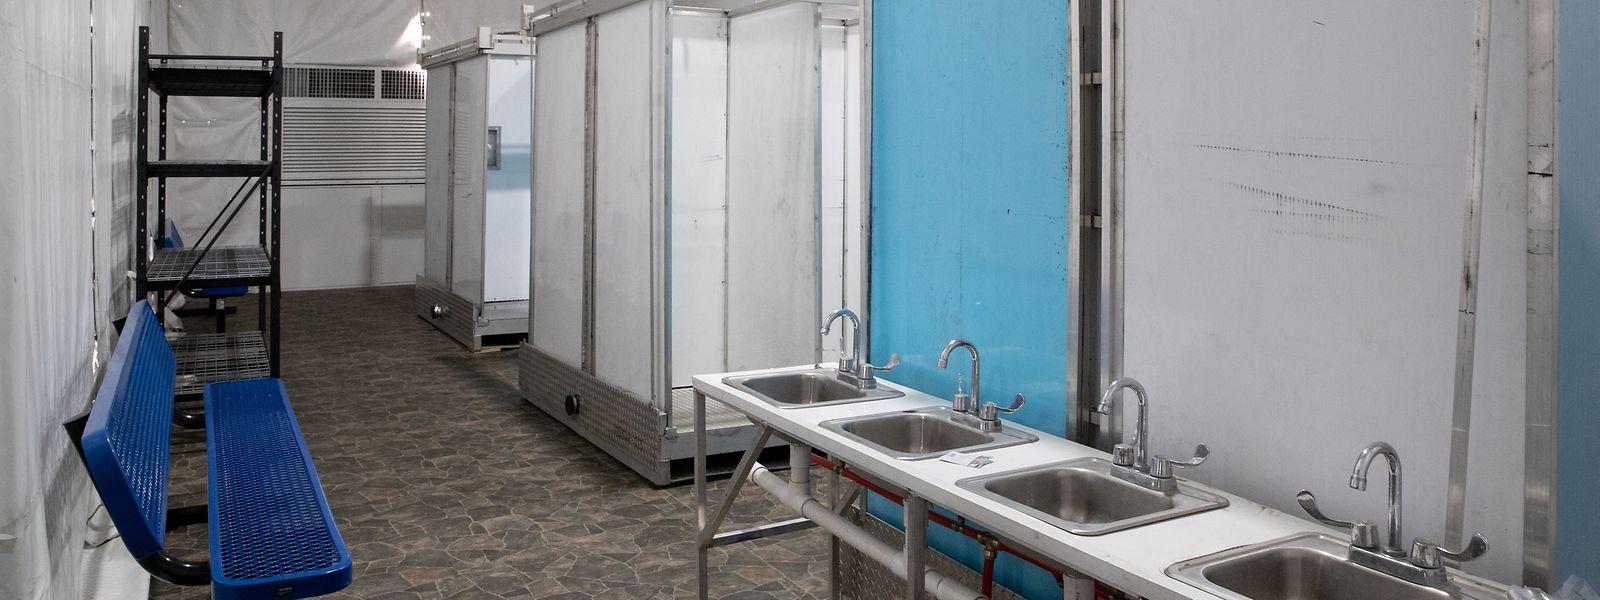 Das Innere eines Internierungslagers an der Grenze zu Mexiko.